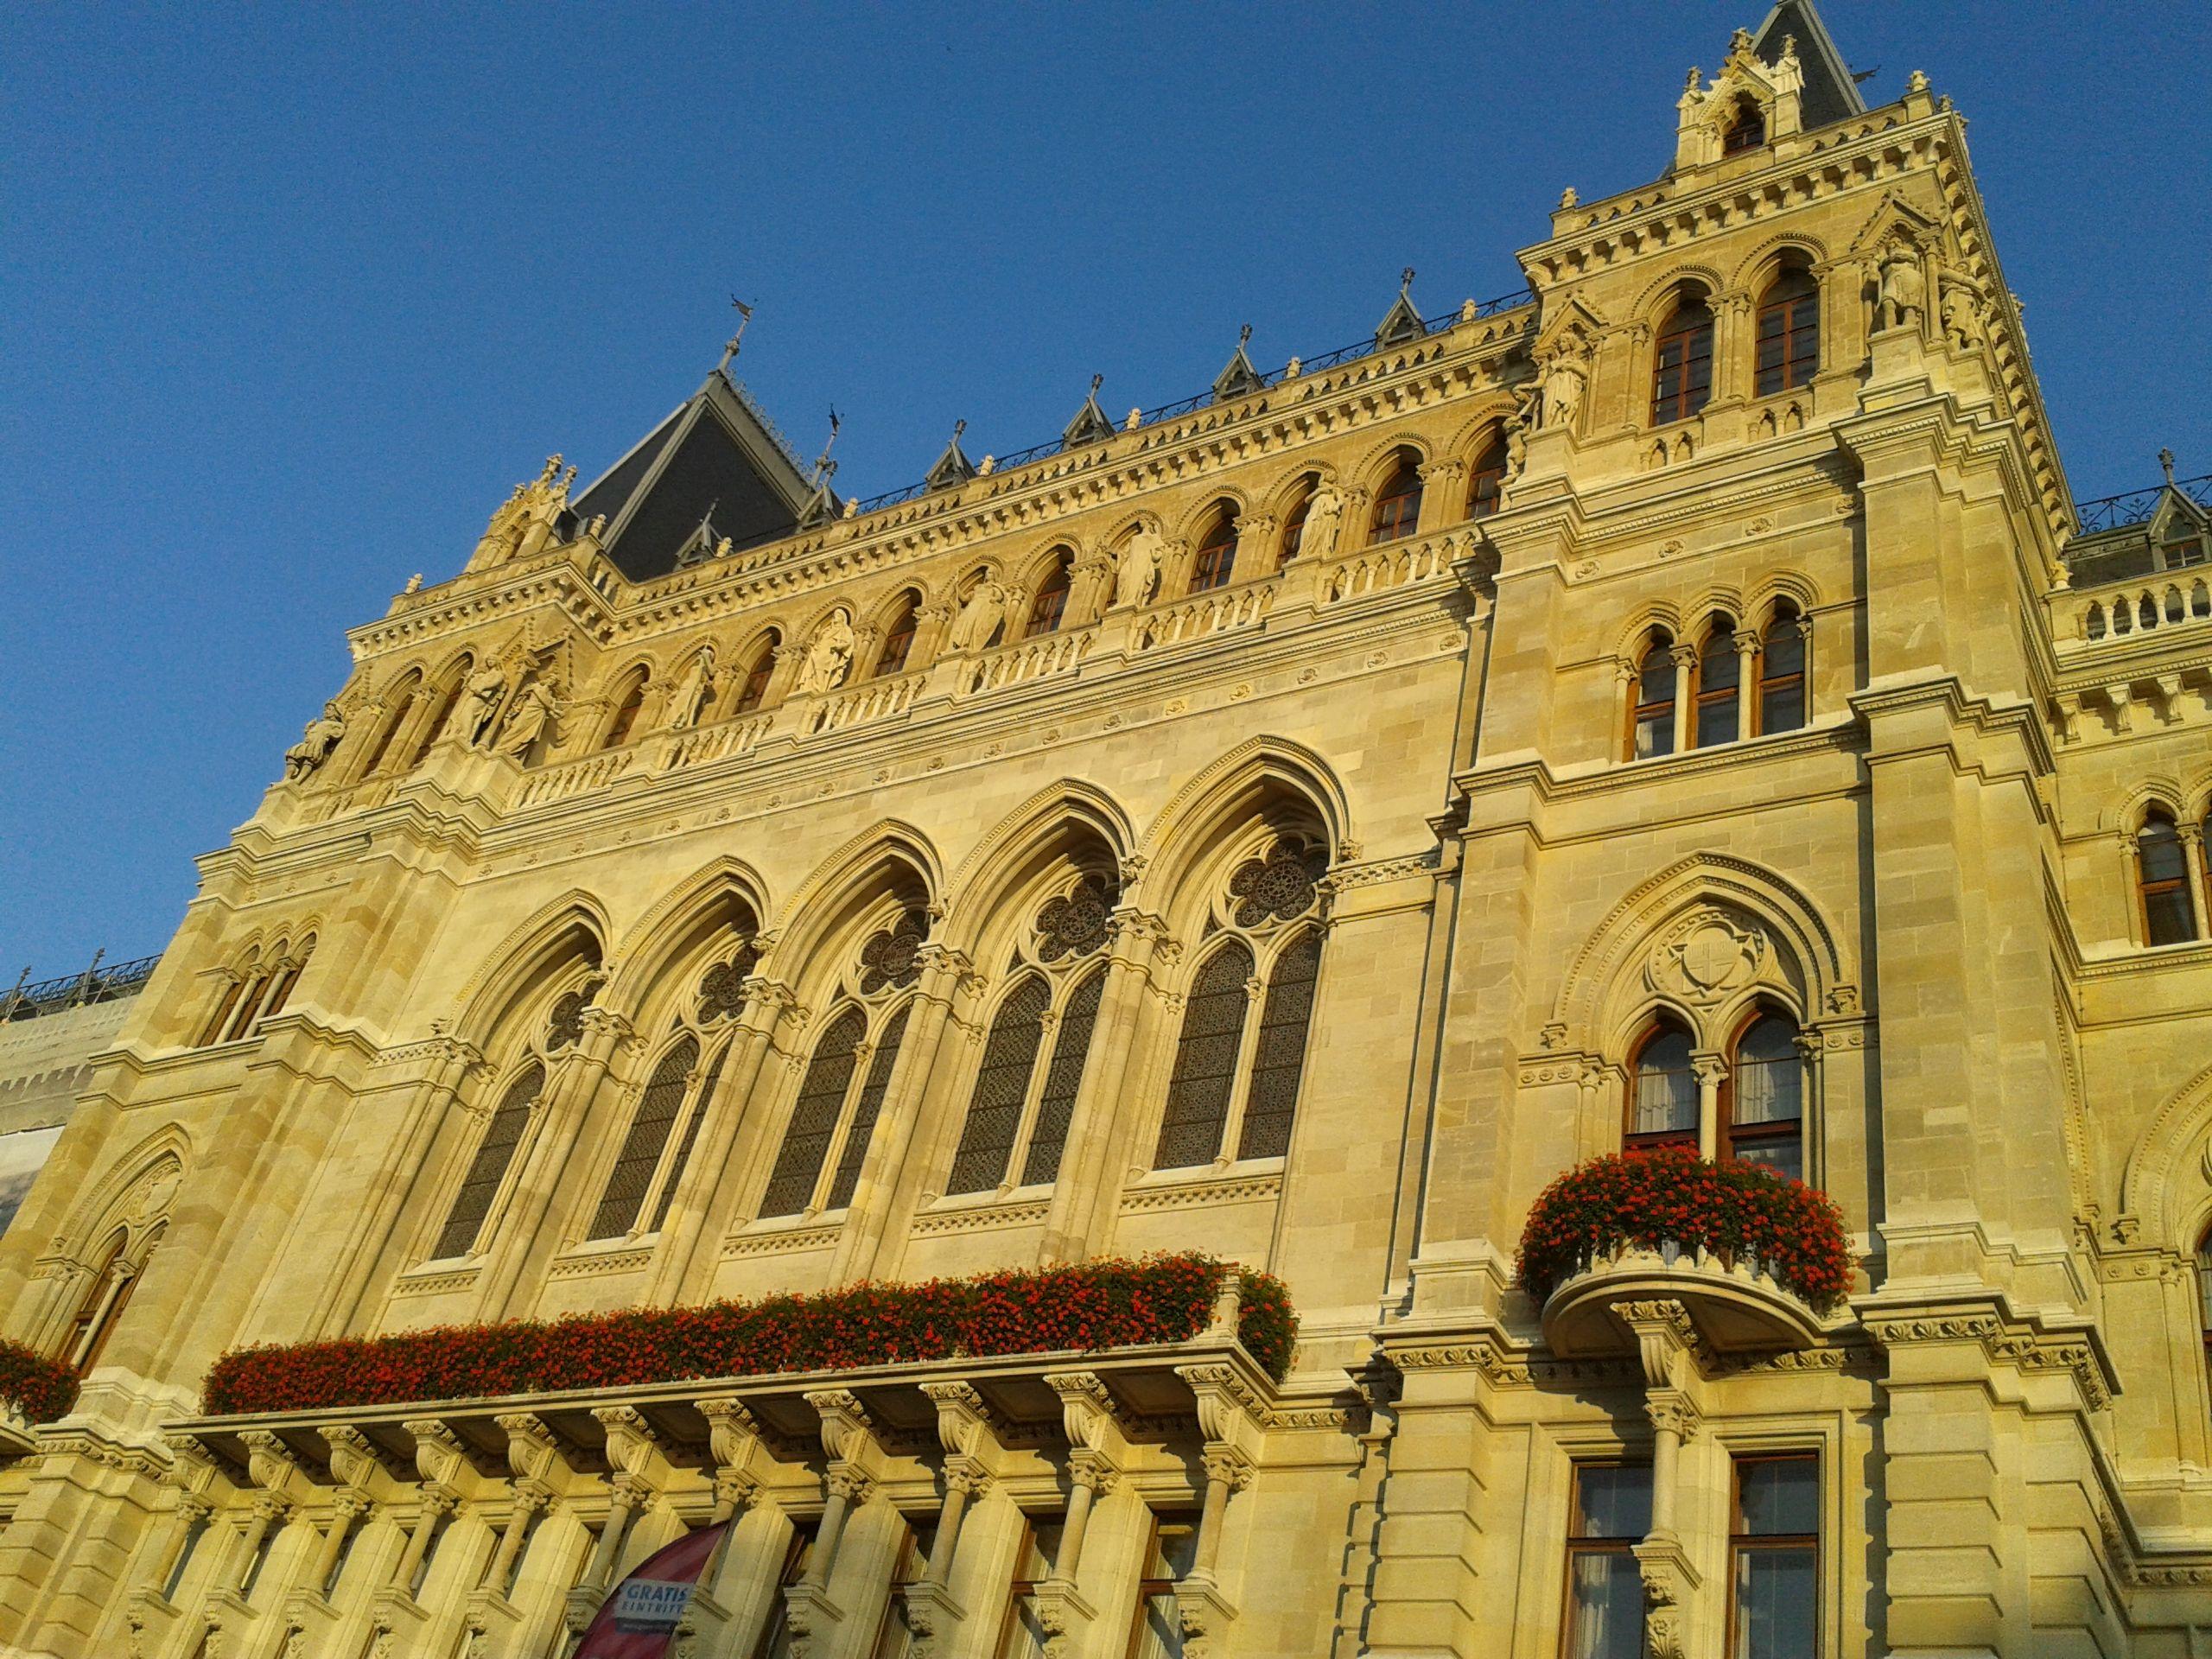 Das Rathaus in Wien. City Hall of Vienna near our Language Institute.